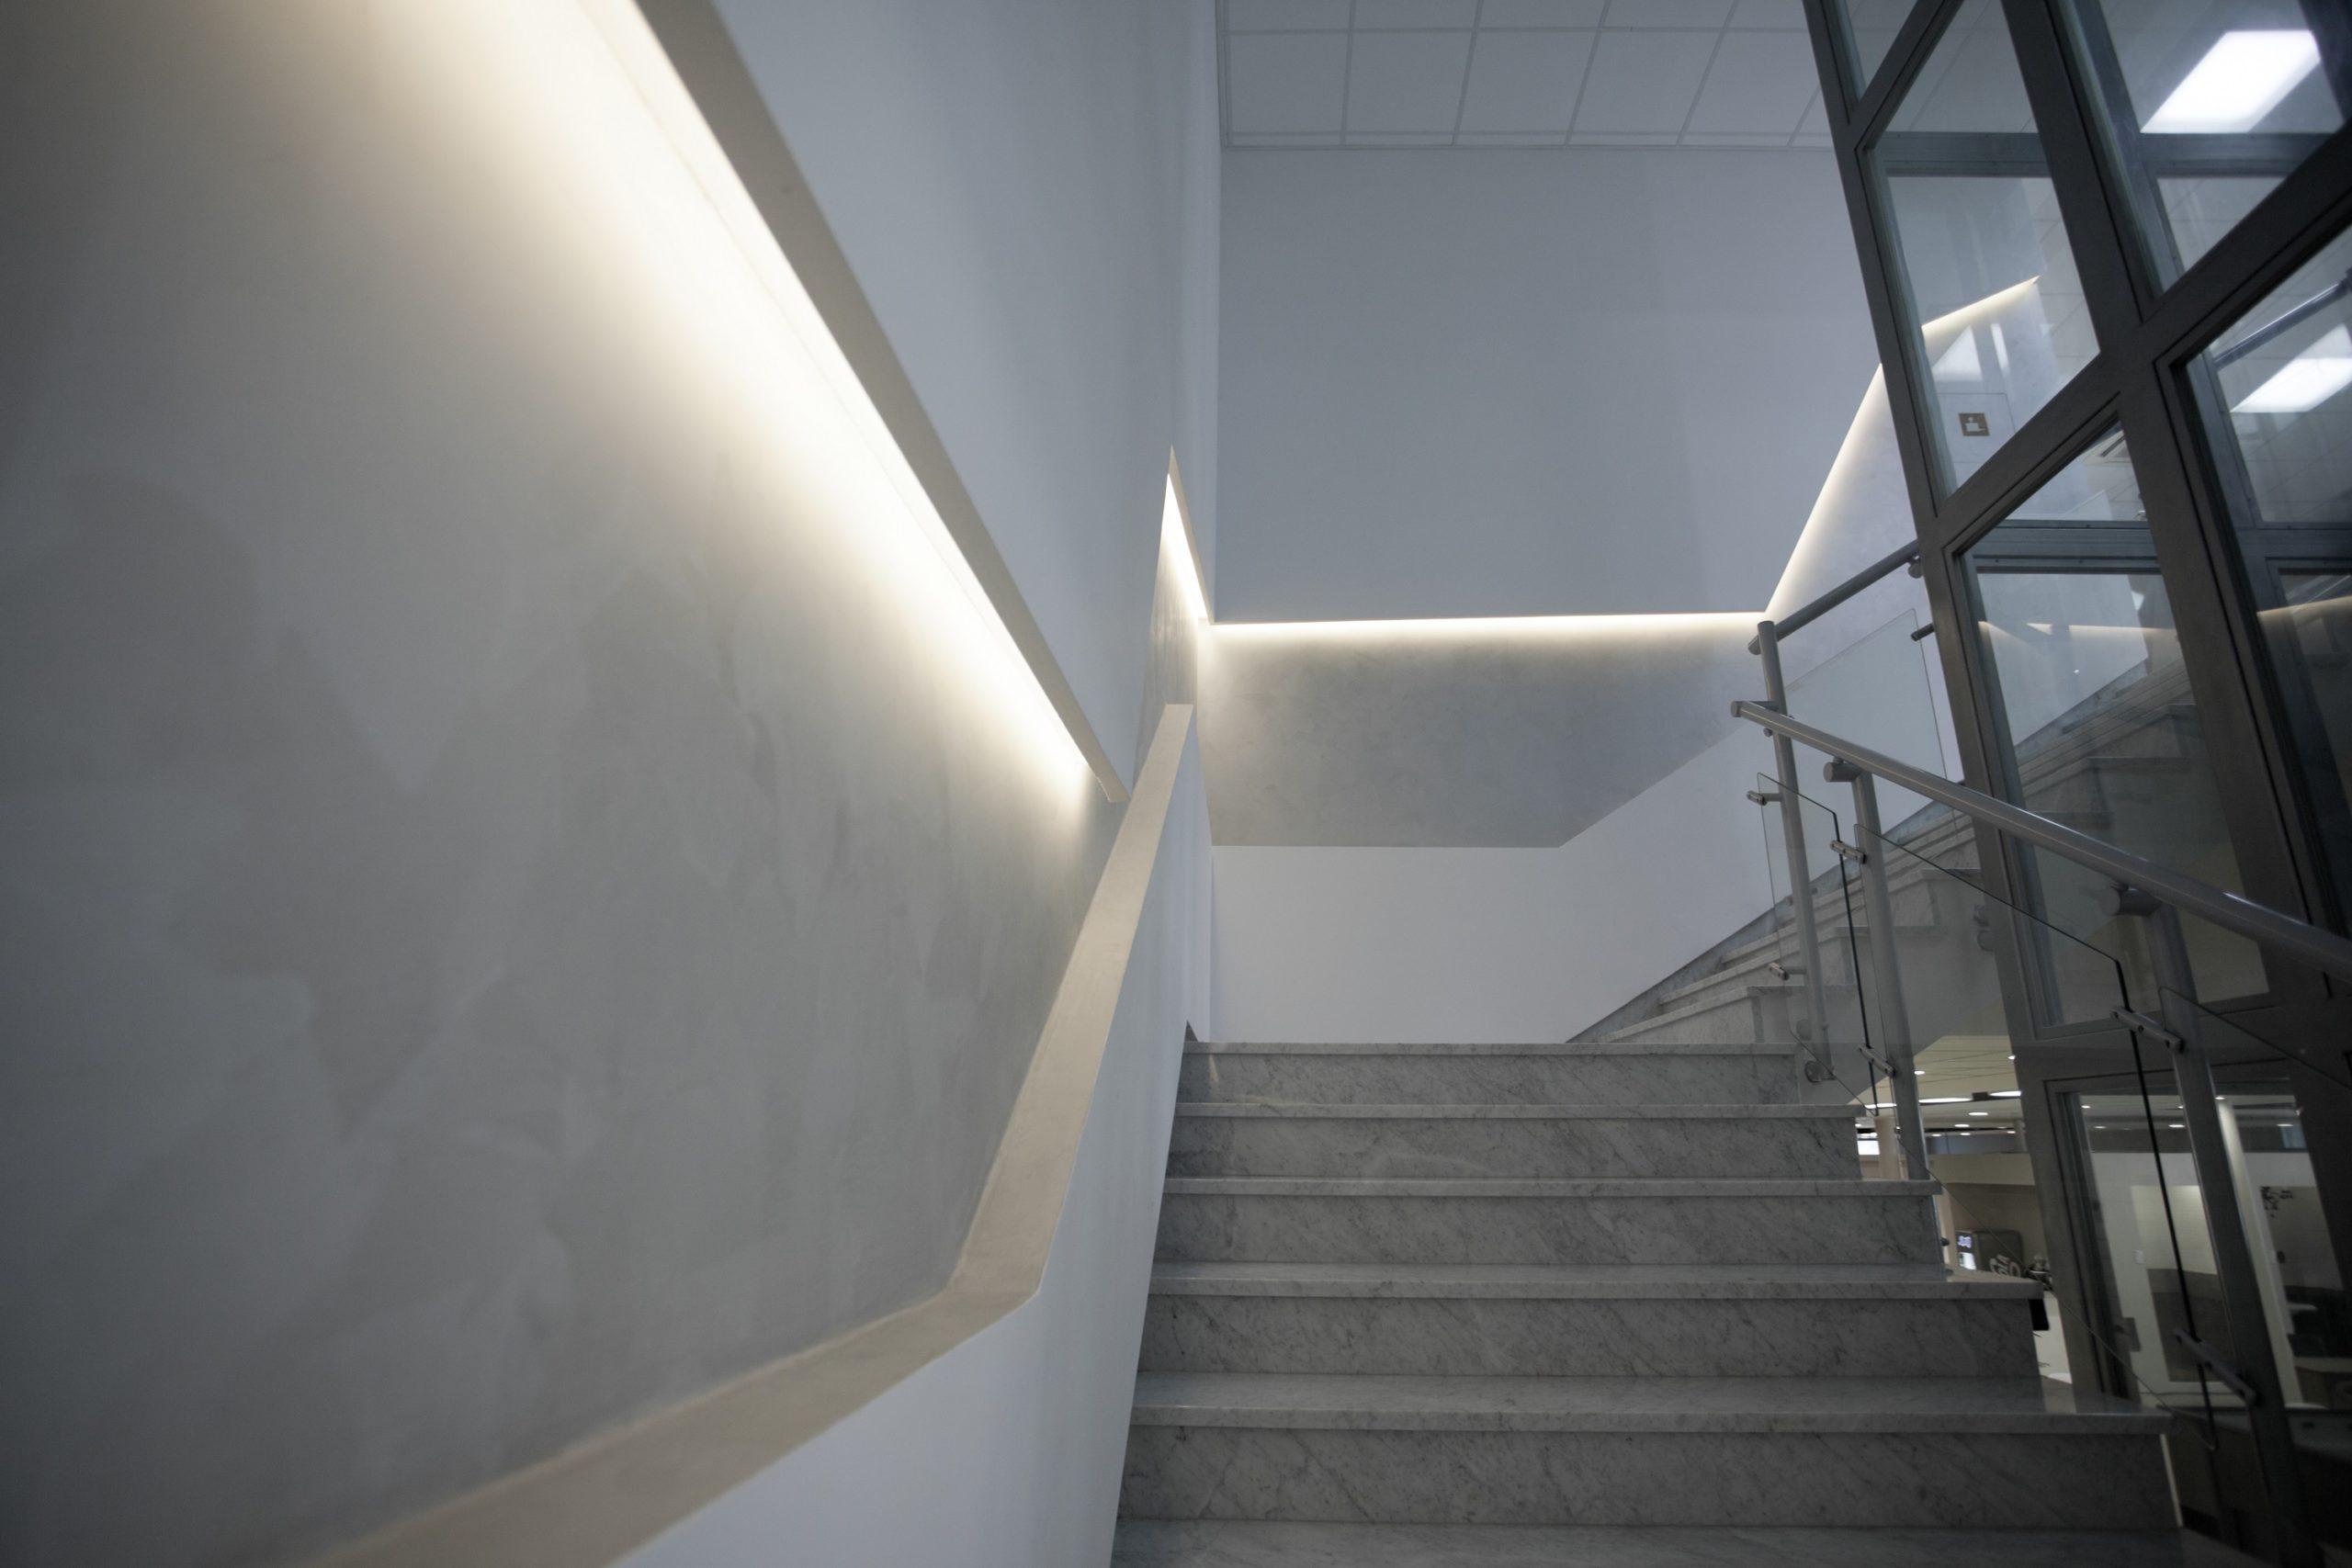 Budynek firmy Cermag po modernizacji oświetlenia - Luxon LED